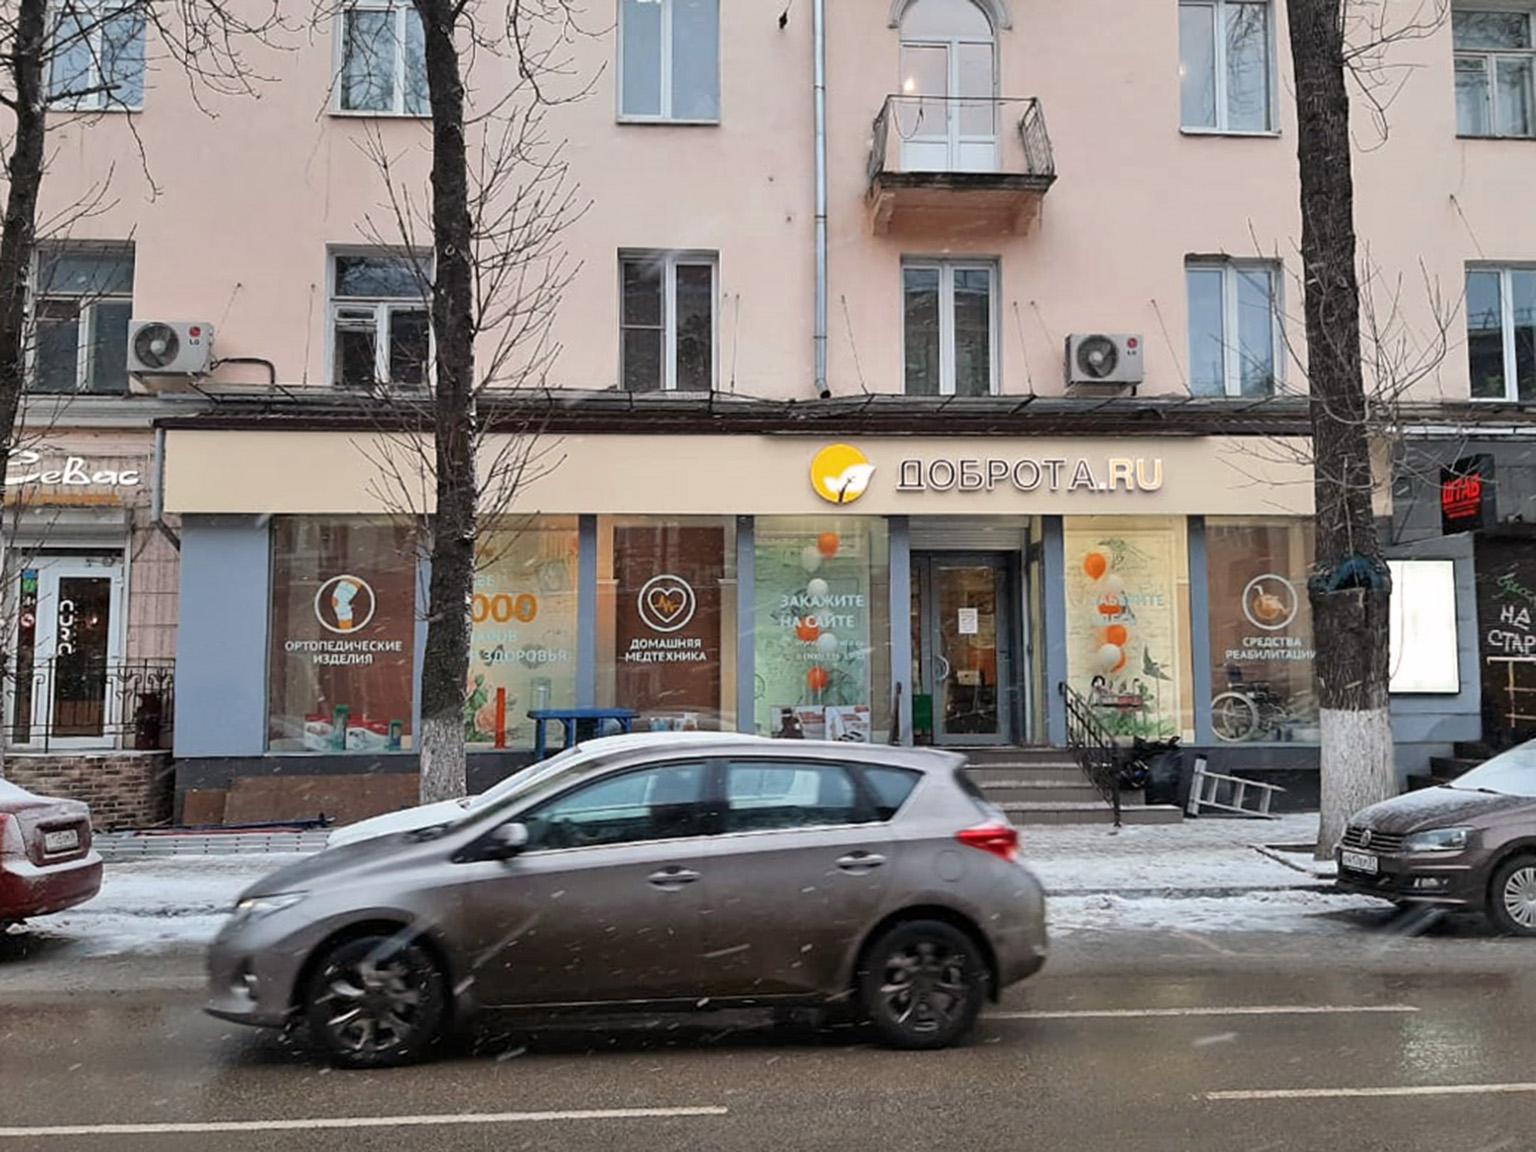 Магазин «Доброта.ру», входная вывеска